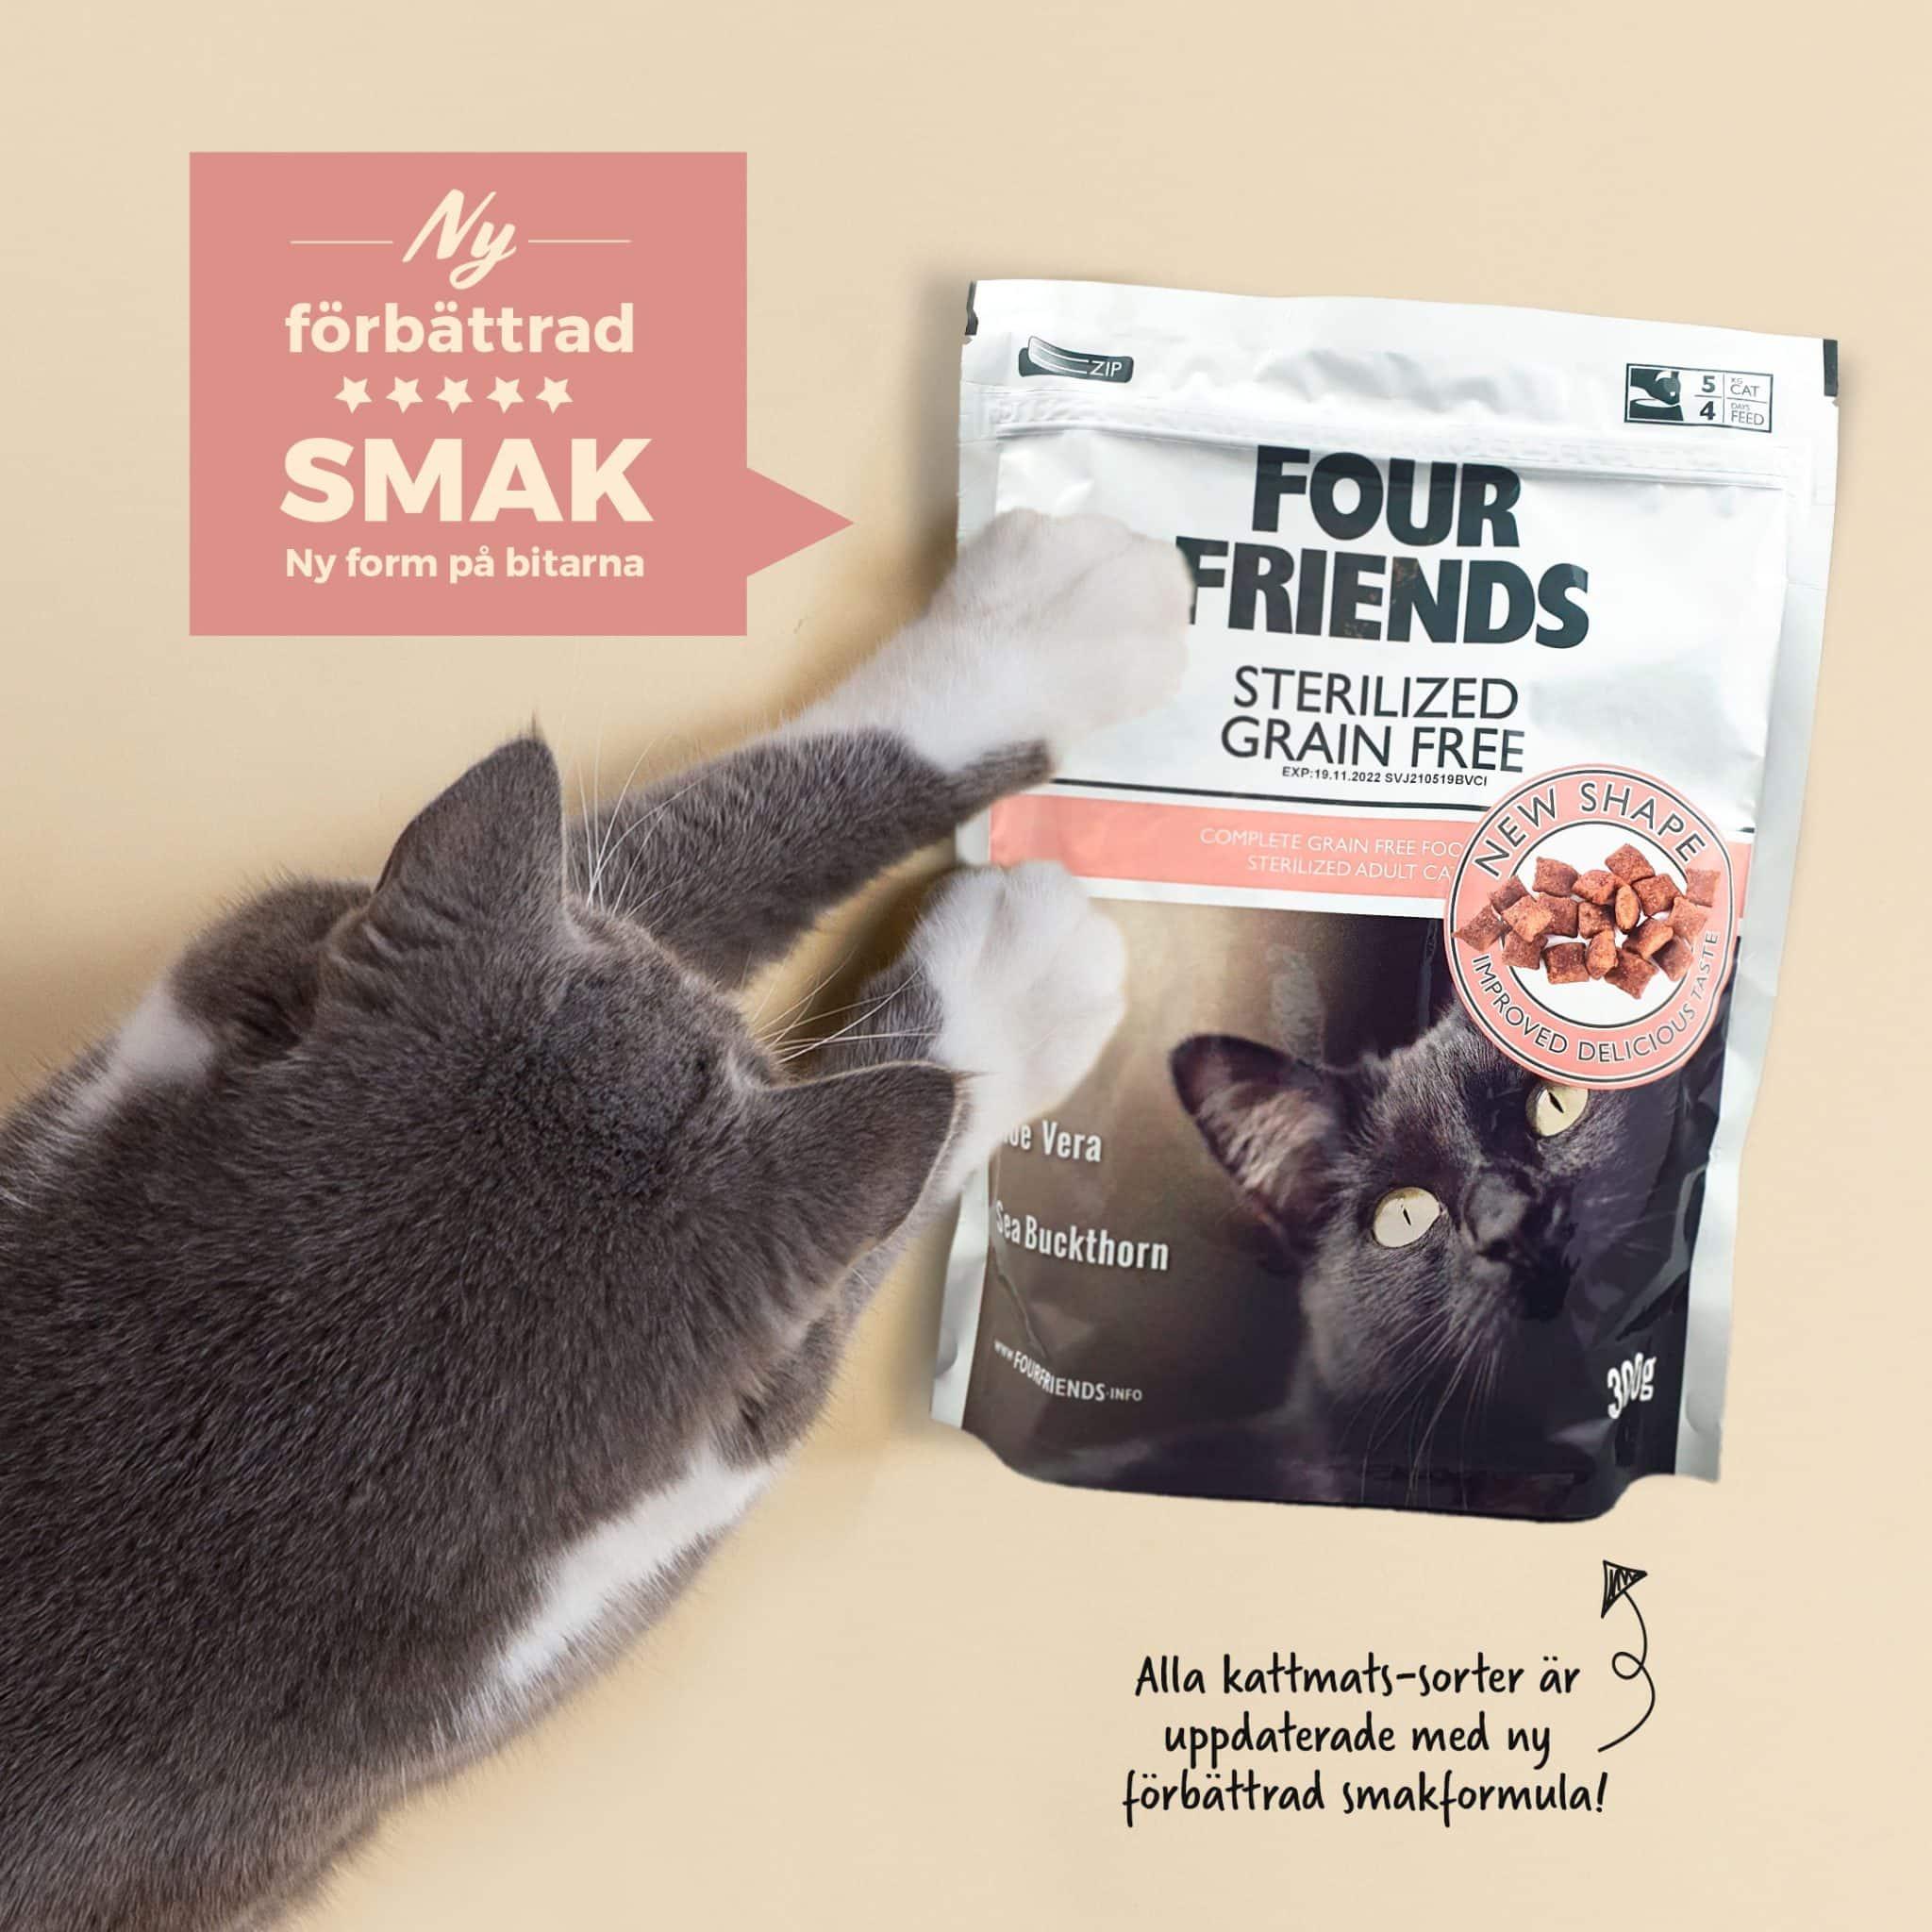 FourFriends kattmat med ny uppdaterad smak